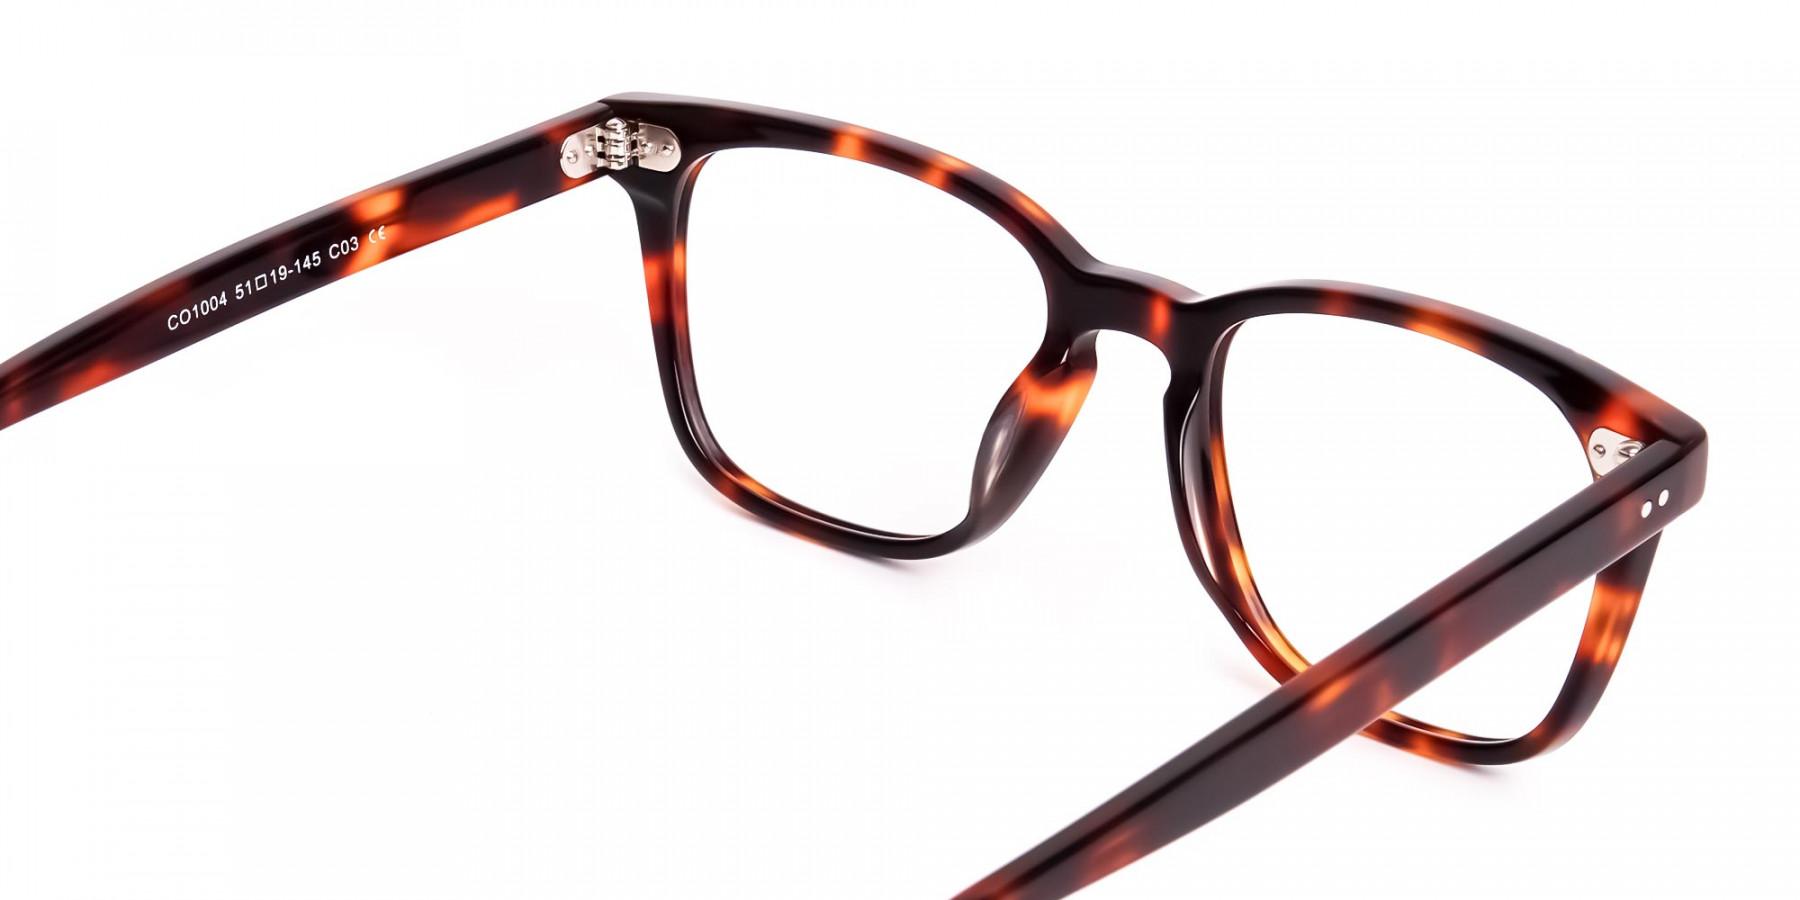 havana-and-tortoise-Shell-Wayfarer-glasses-frames-1